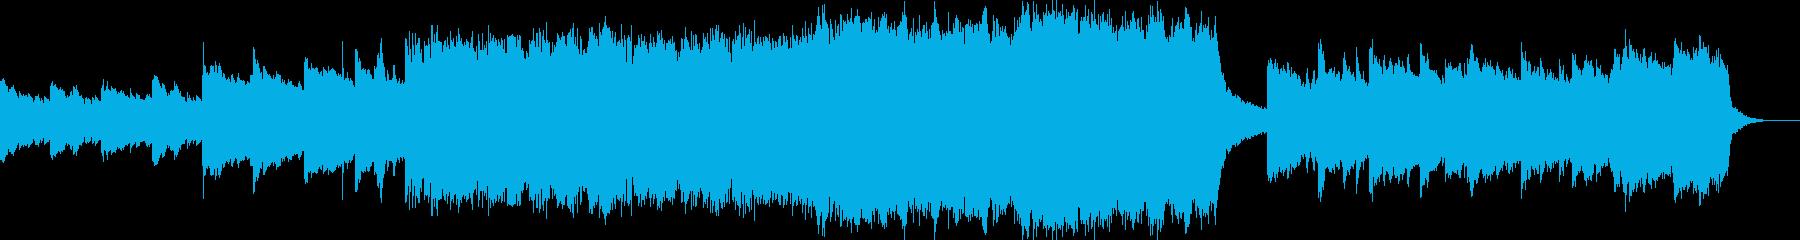 ストリングスとアコギの前向きなポップスの再生済みの波形